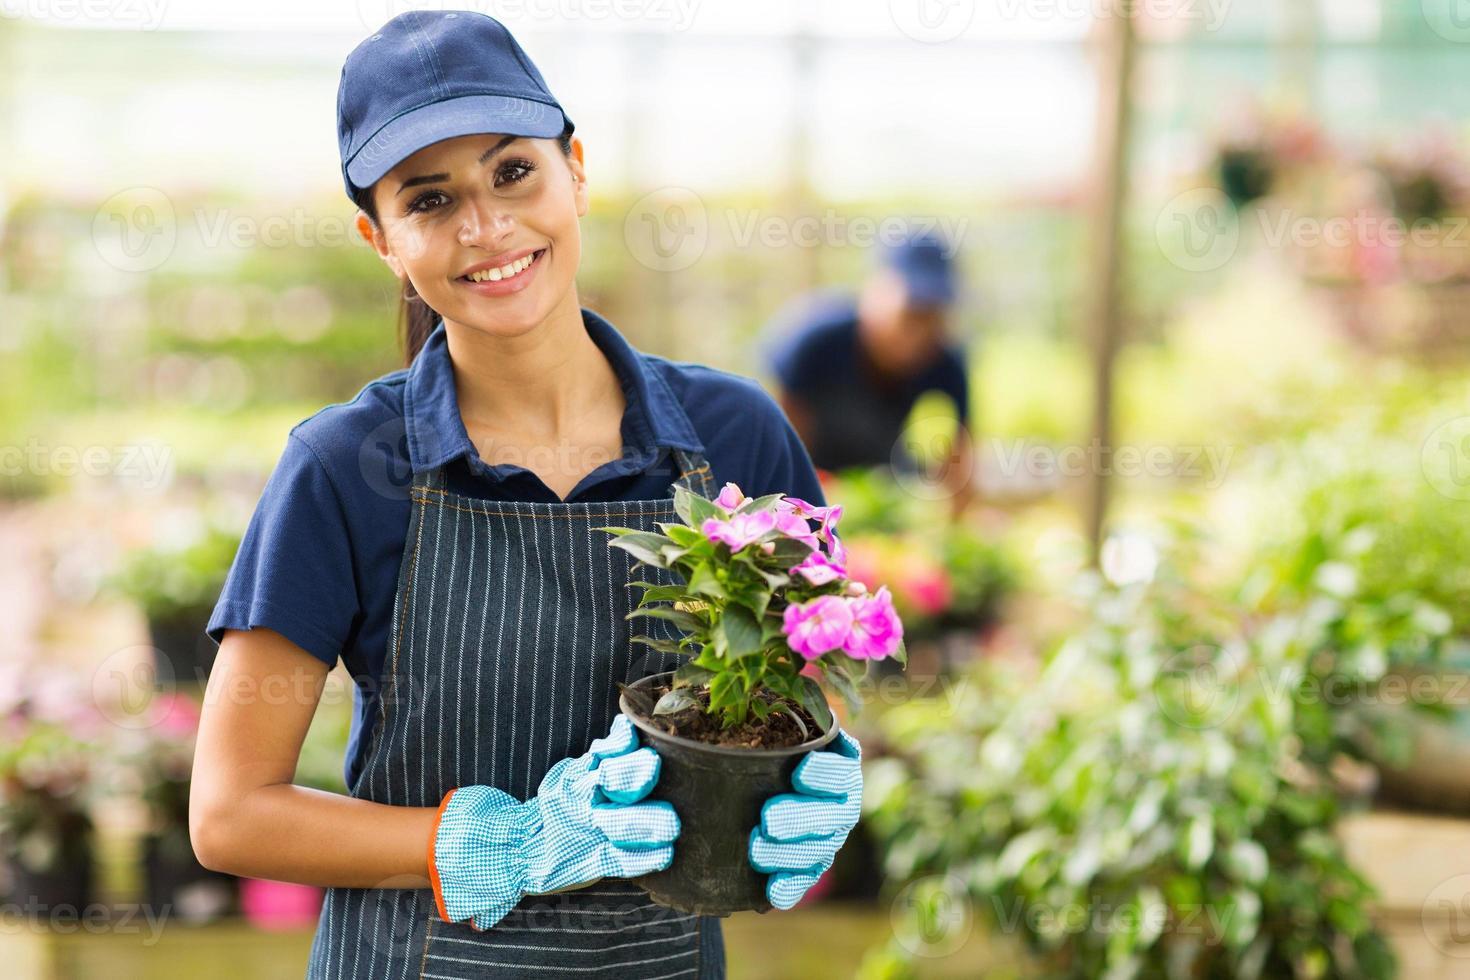 vrouwelijke kwekerij-eigenaar met pot met bloemen foto